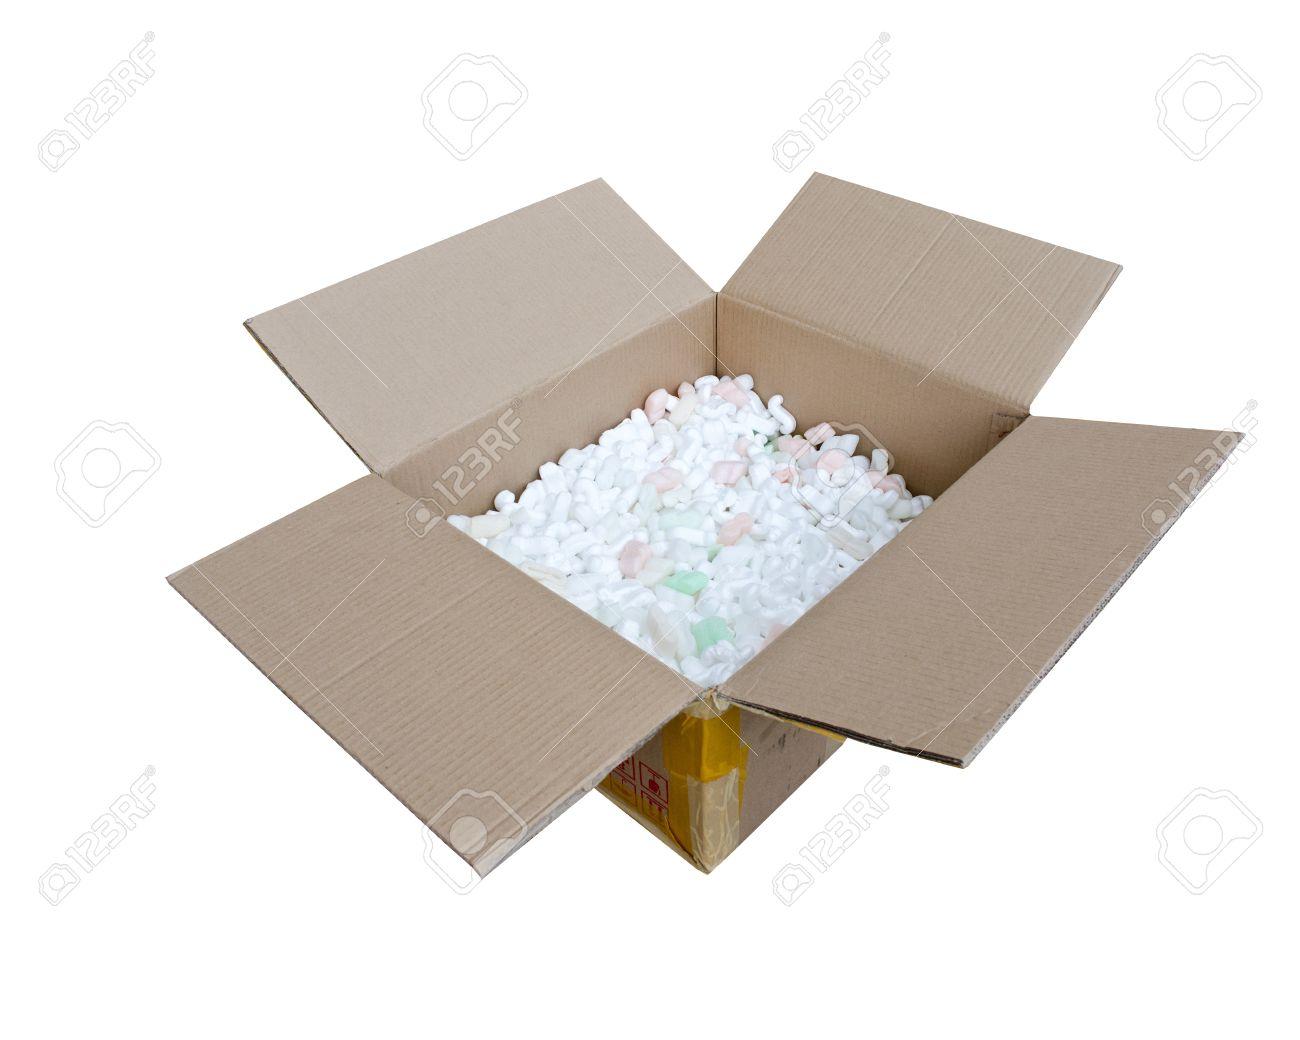 Resultado de imagen para embalaje de espuma